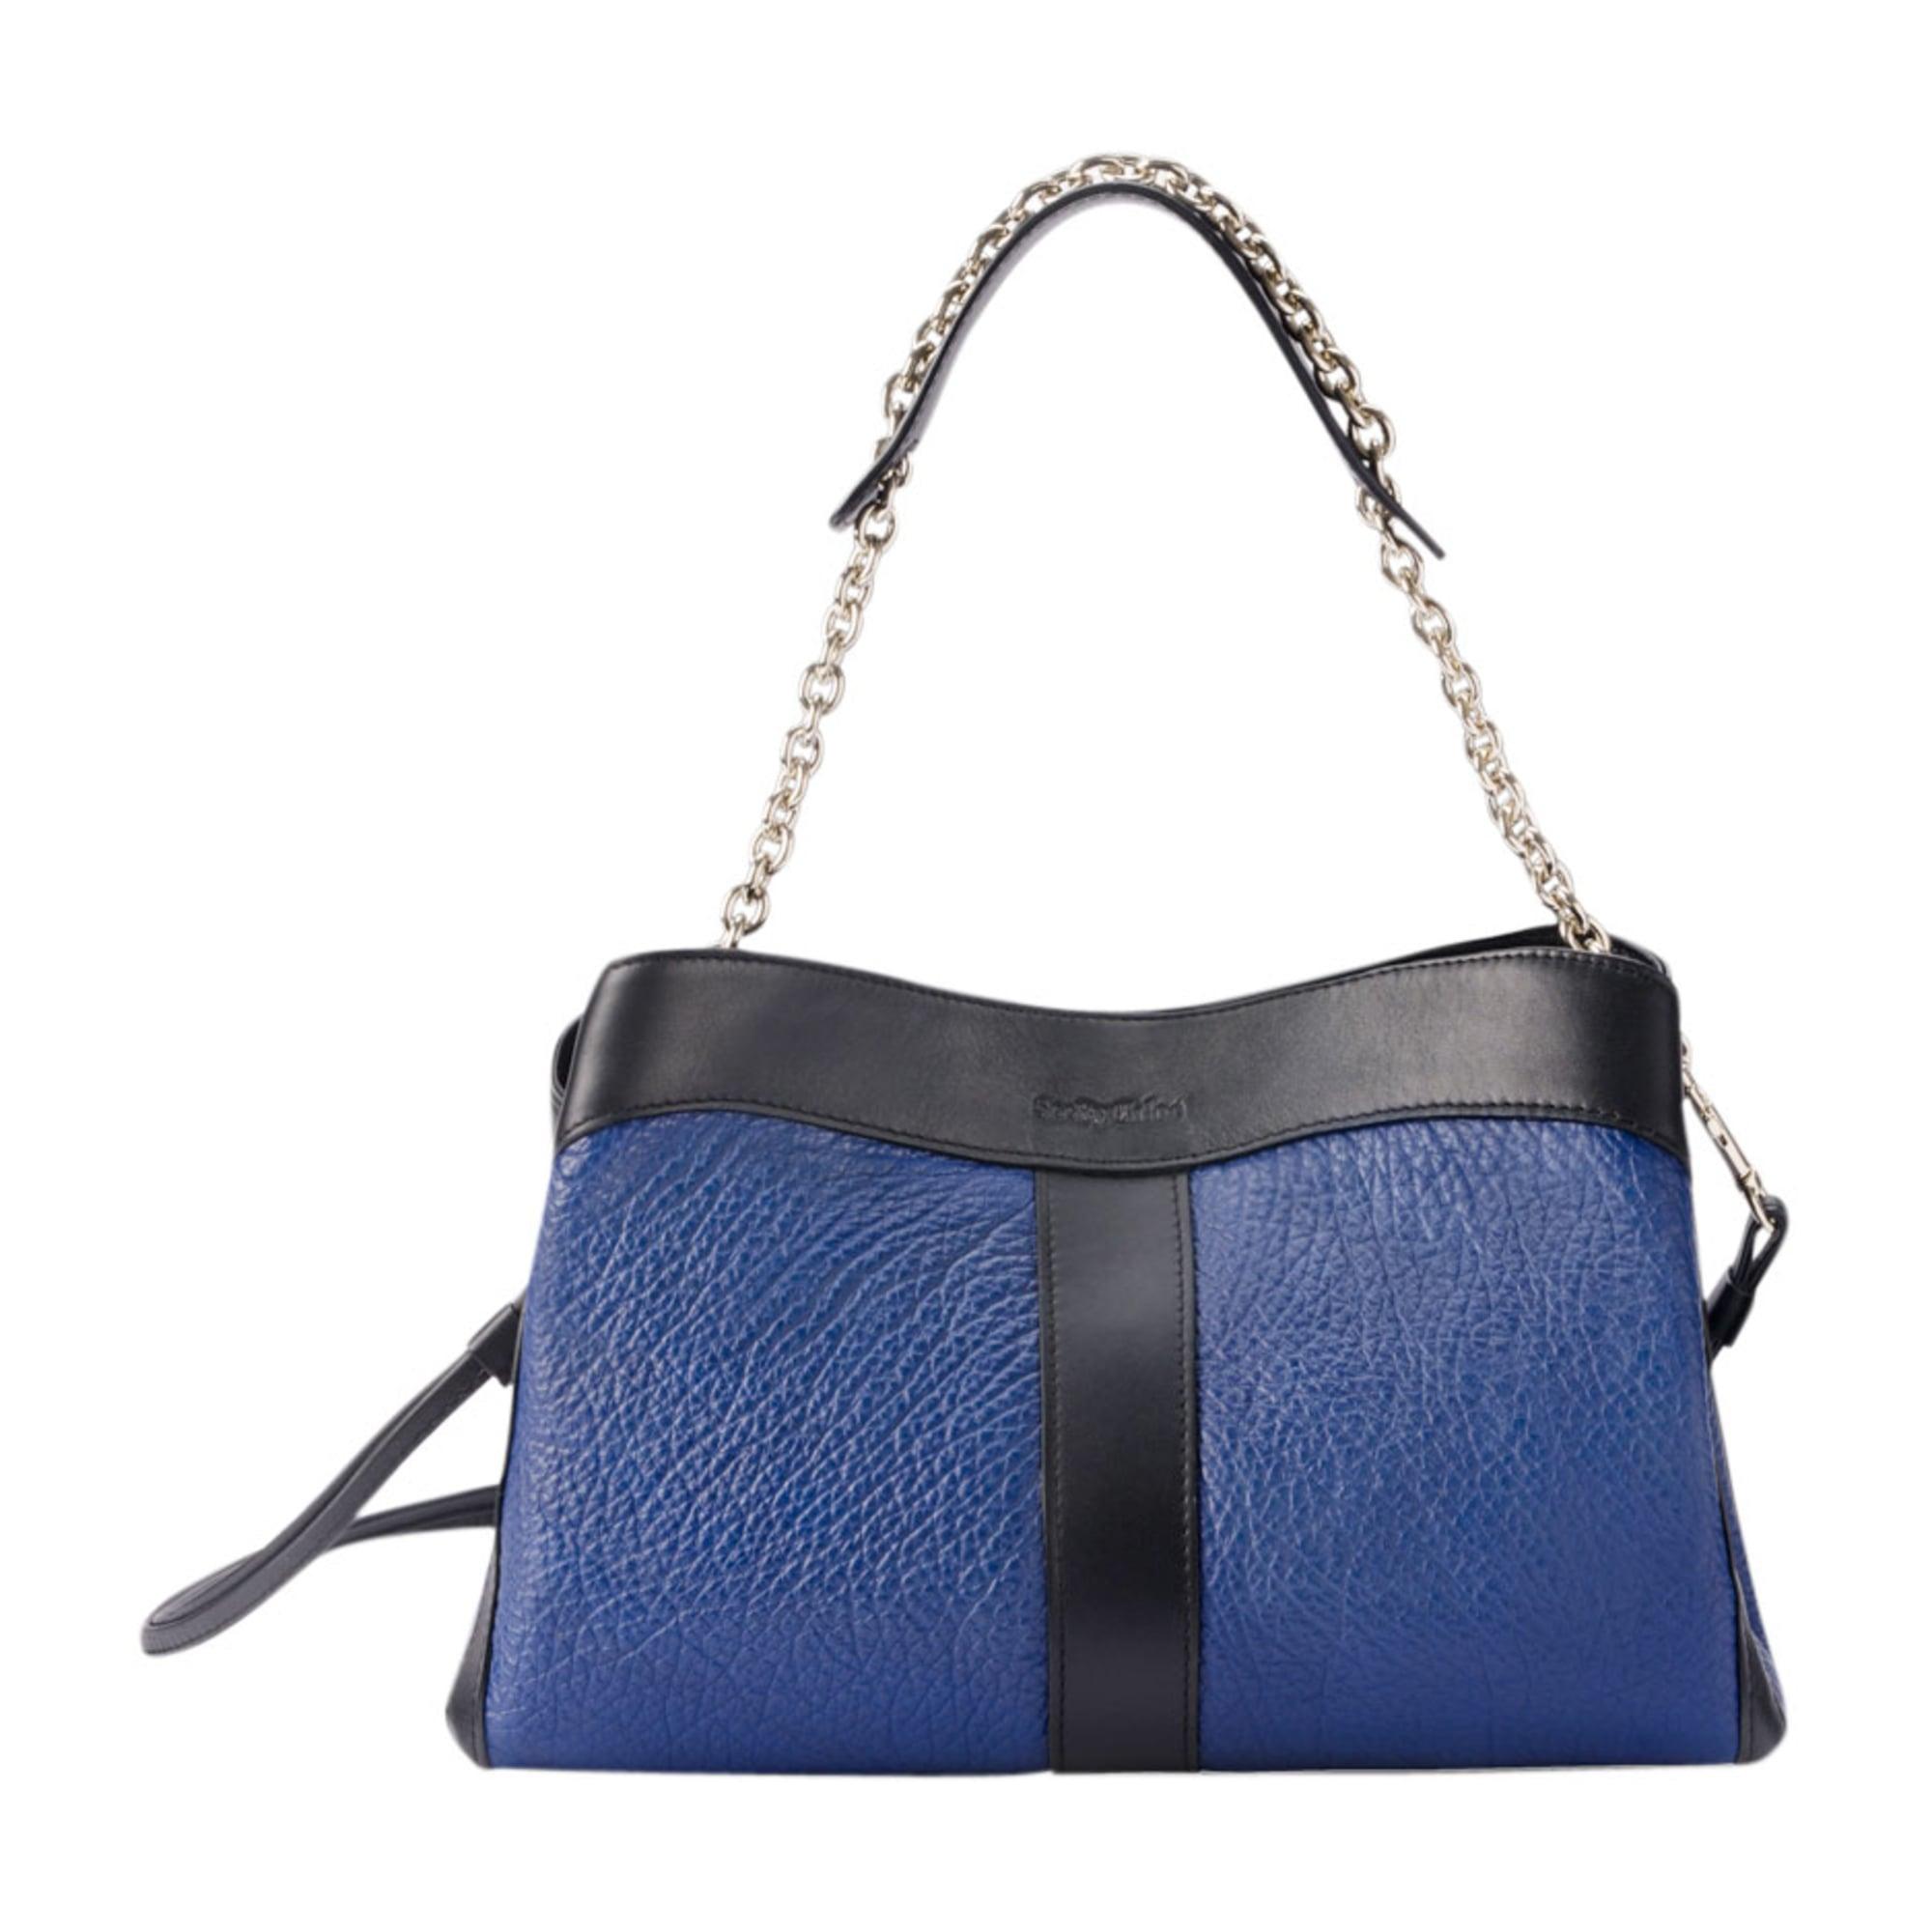 leather handbag see by chloe blue vendu par le vide dressing de la boutique le parc 4717471. Black Bedroom Furniture Sets. Home Design Ideas